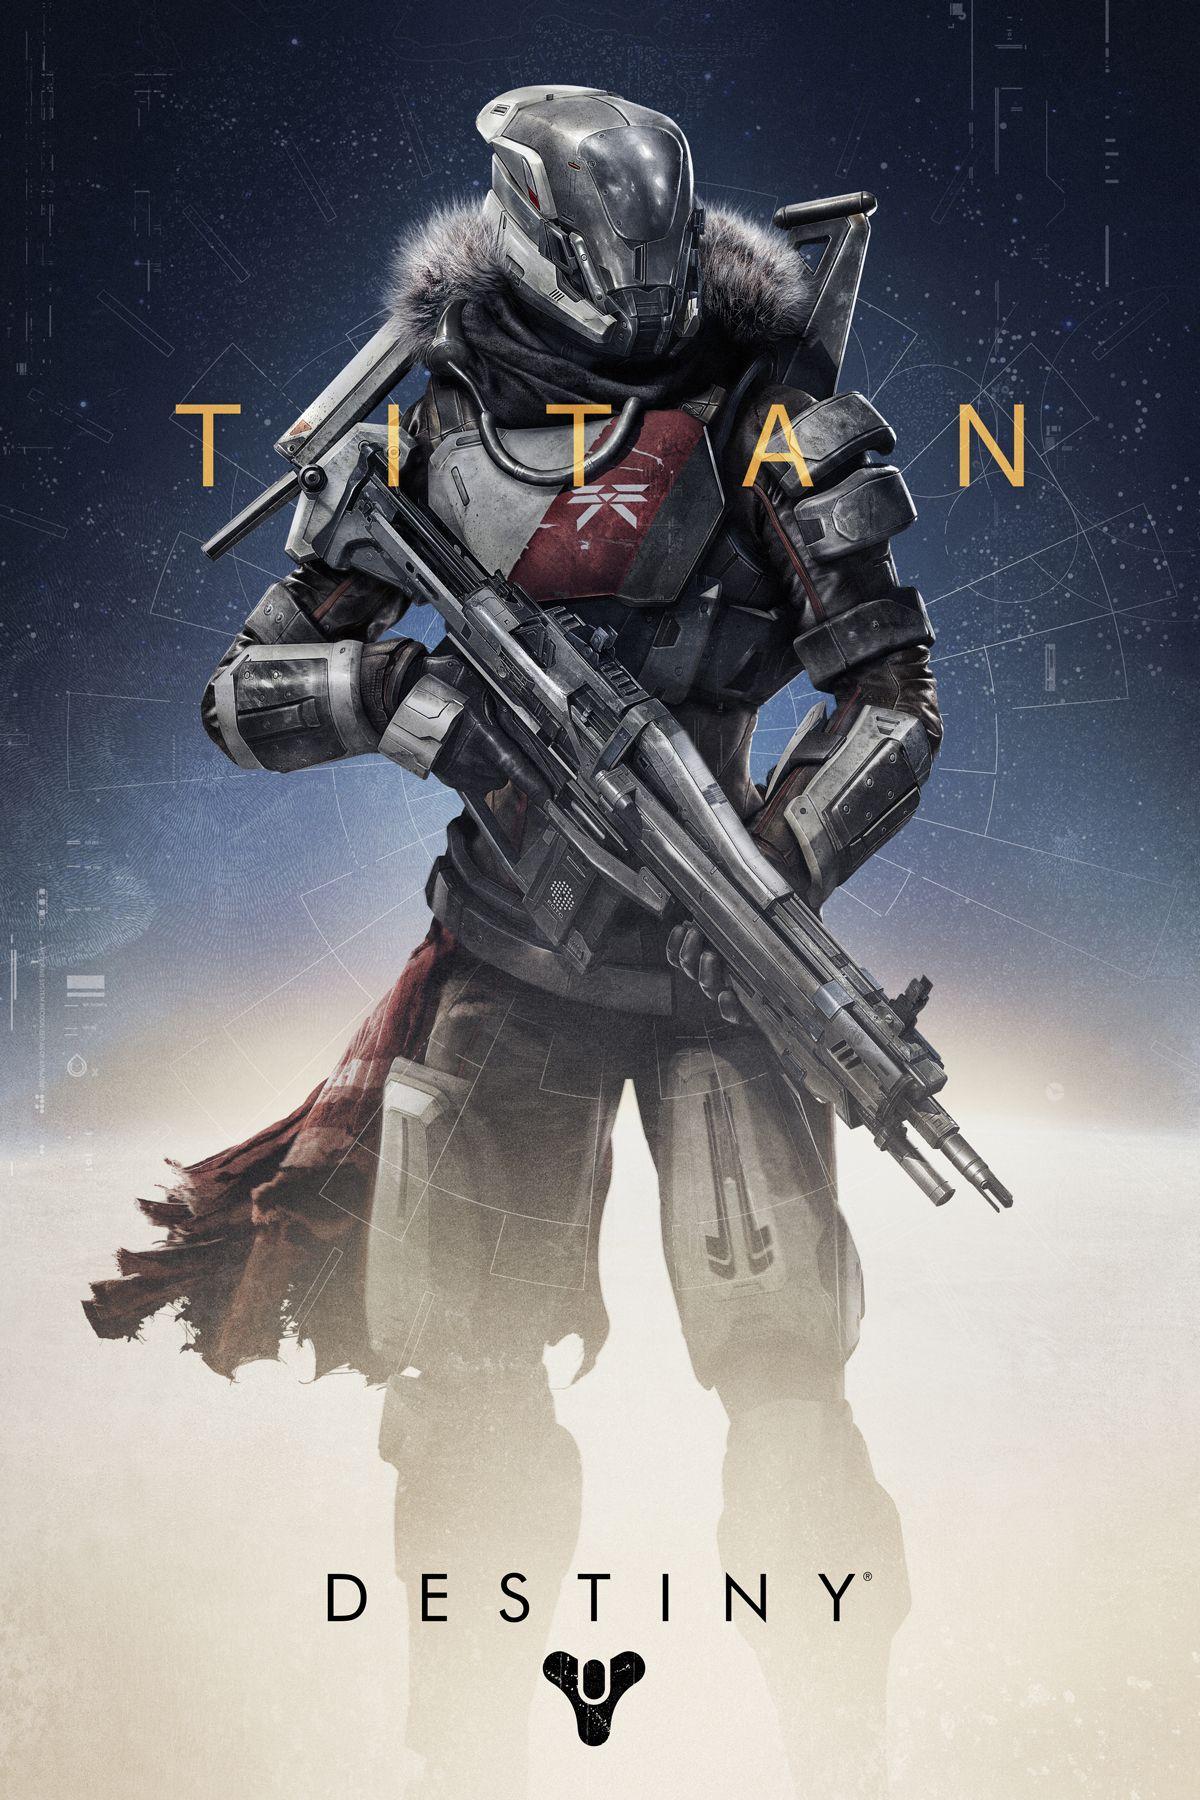 Titan Wallpaper (Destiny) Games Pinterest Destiny